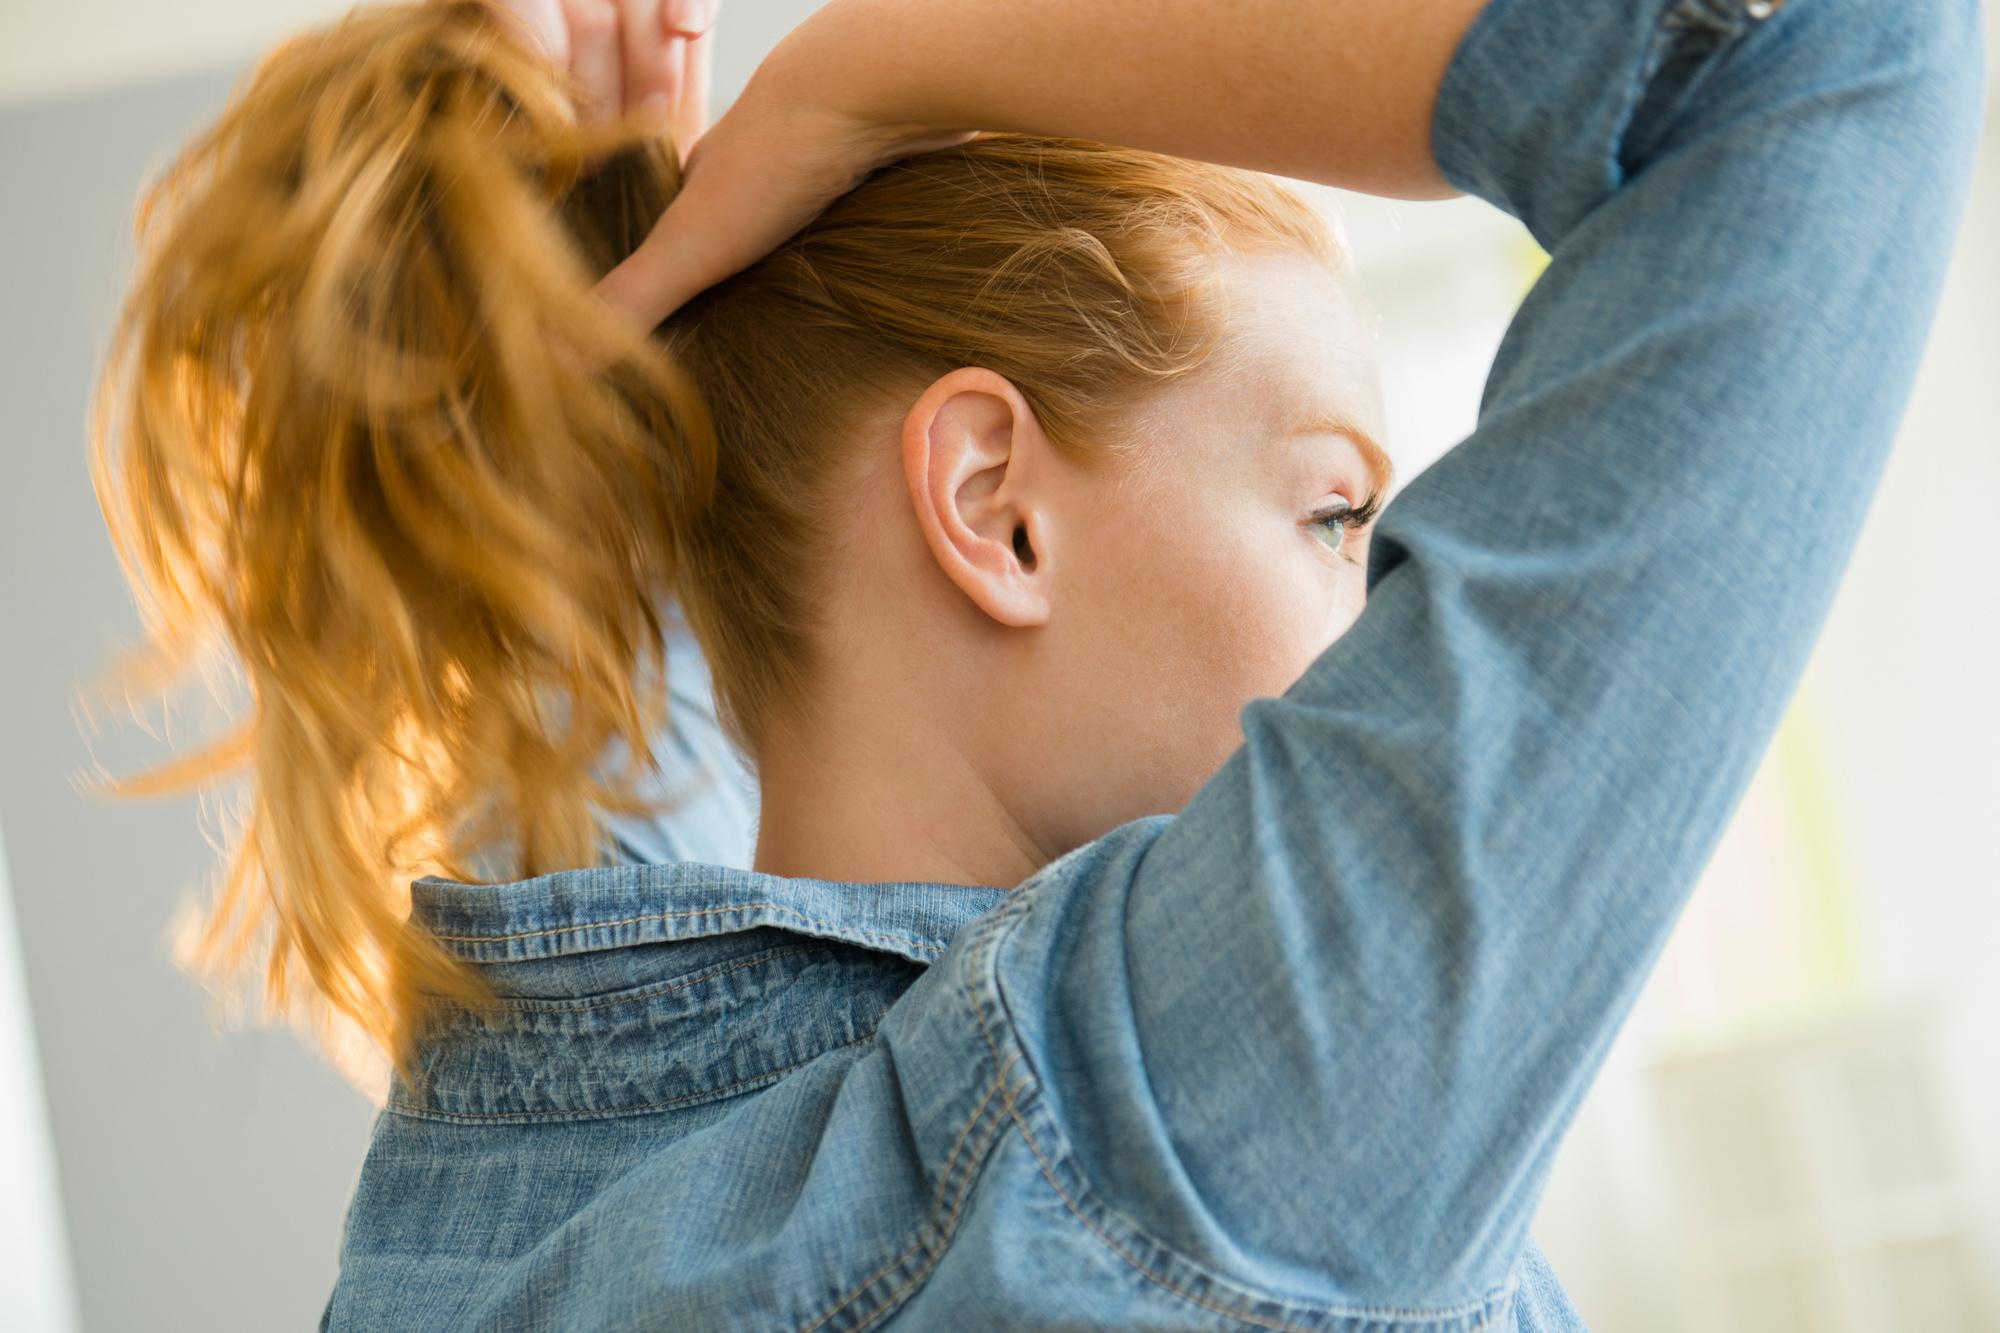 Une queue de cheval désordonnée est une bonne idée, mais assurez-vous qu'il n'y a pas de pièces métalliques dans vos pinces à cheveux, getty